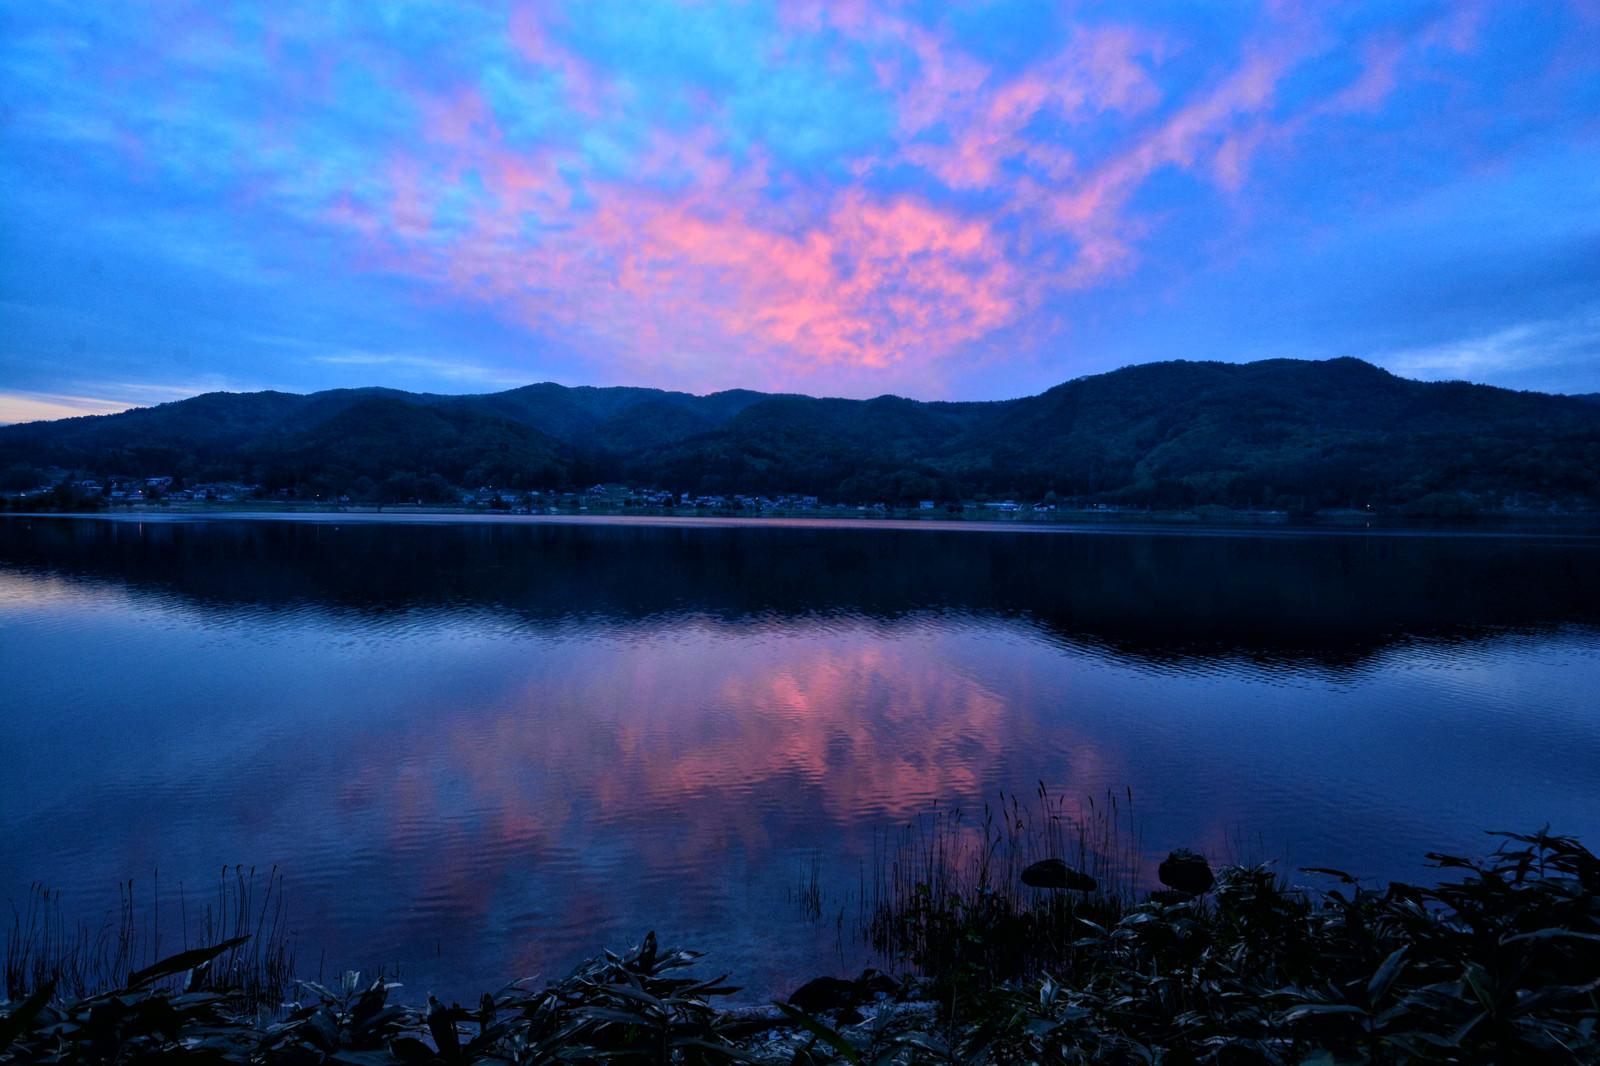 「湖面に映るリフレクションした夕焼けの空」の写真